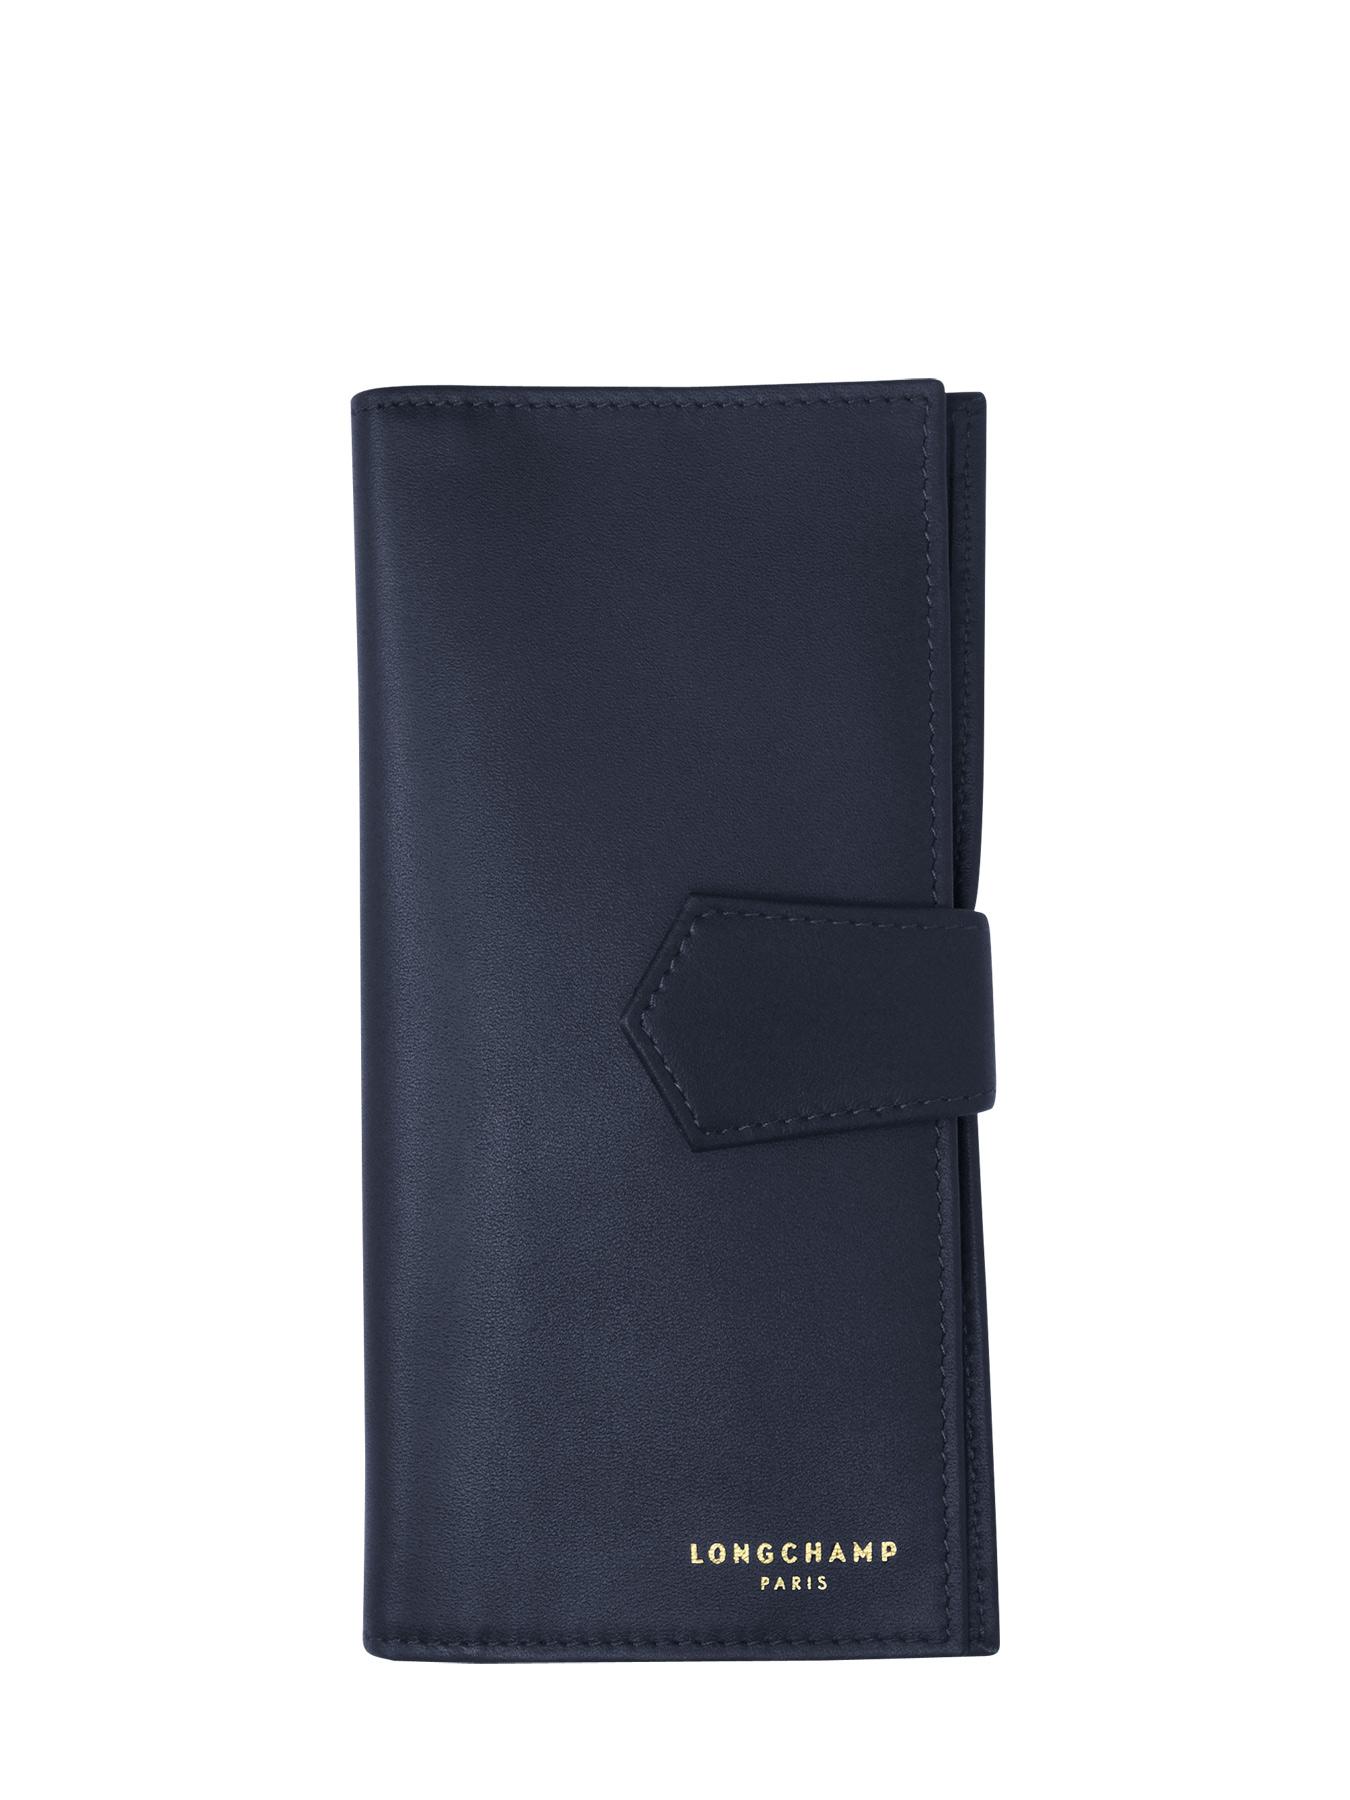 portefeuilles longchamp longchamp 2 0 marine en vente au. Black Bedroom Furniture Sets. Home Design Ideas